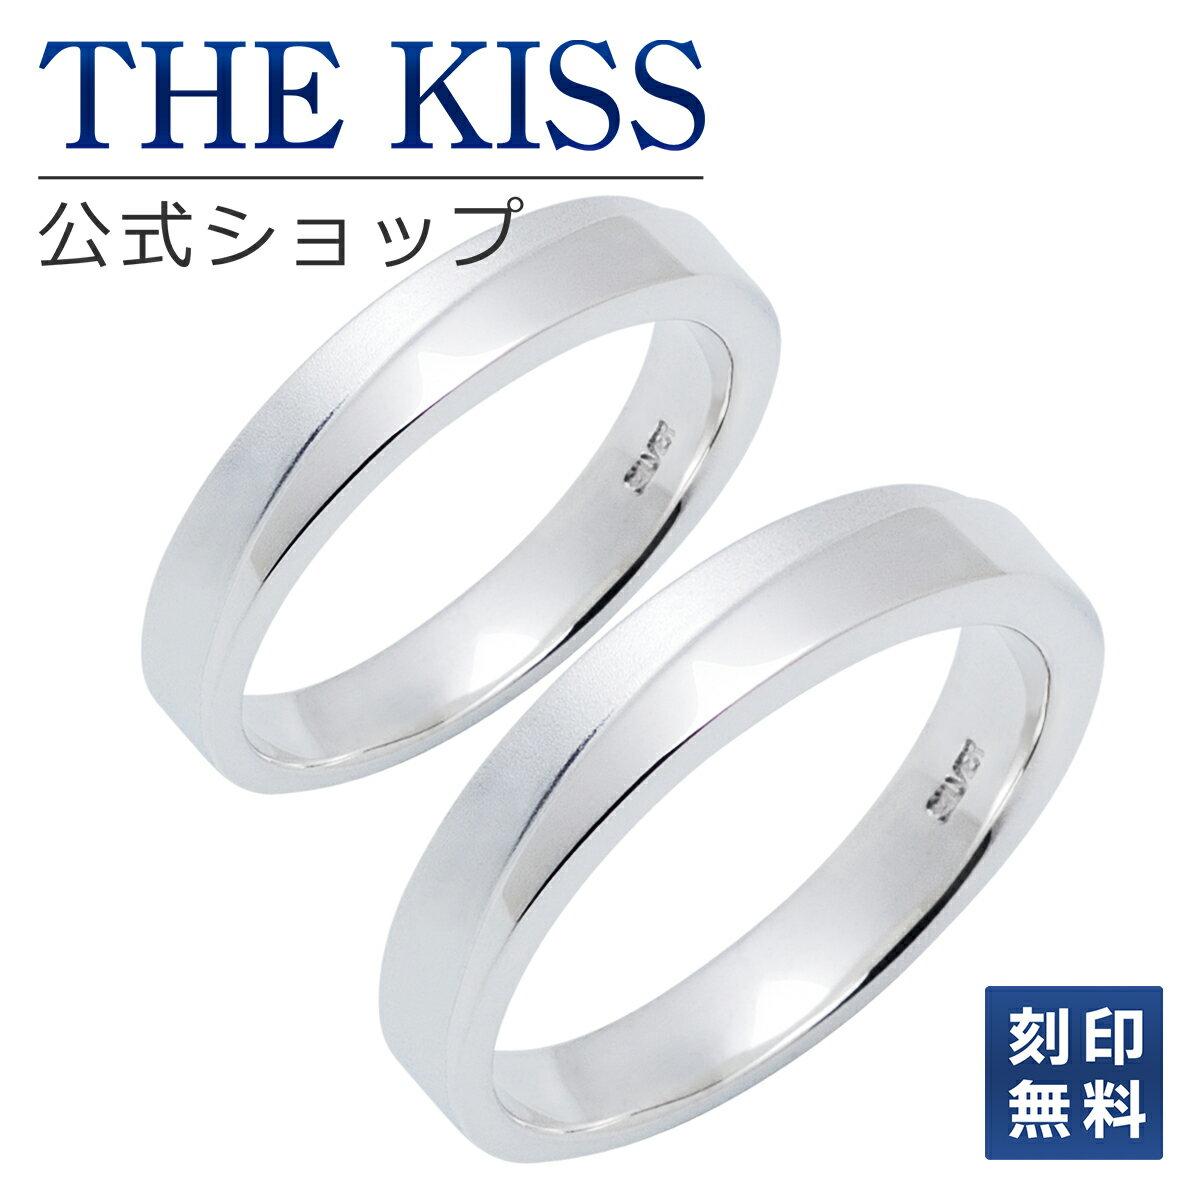 【あす楽対応】THE KISS 公式サイト シルバー ペアリング ペアアクセサリー カップル に 人気 の ジュエリーブランド THEKISS ペア リング・指輪 記念日 プレゼント SR708-P ザキス